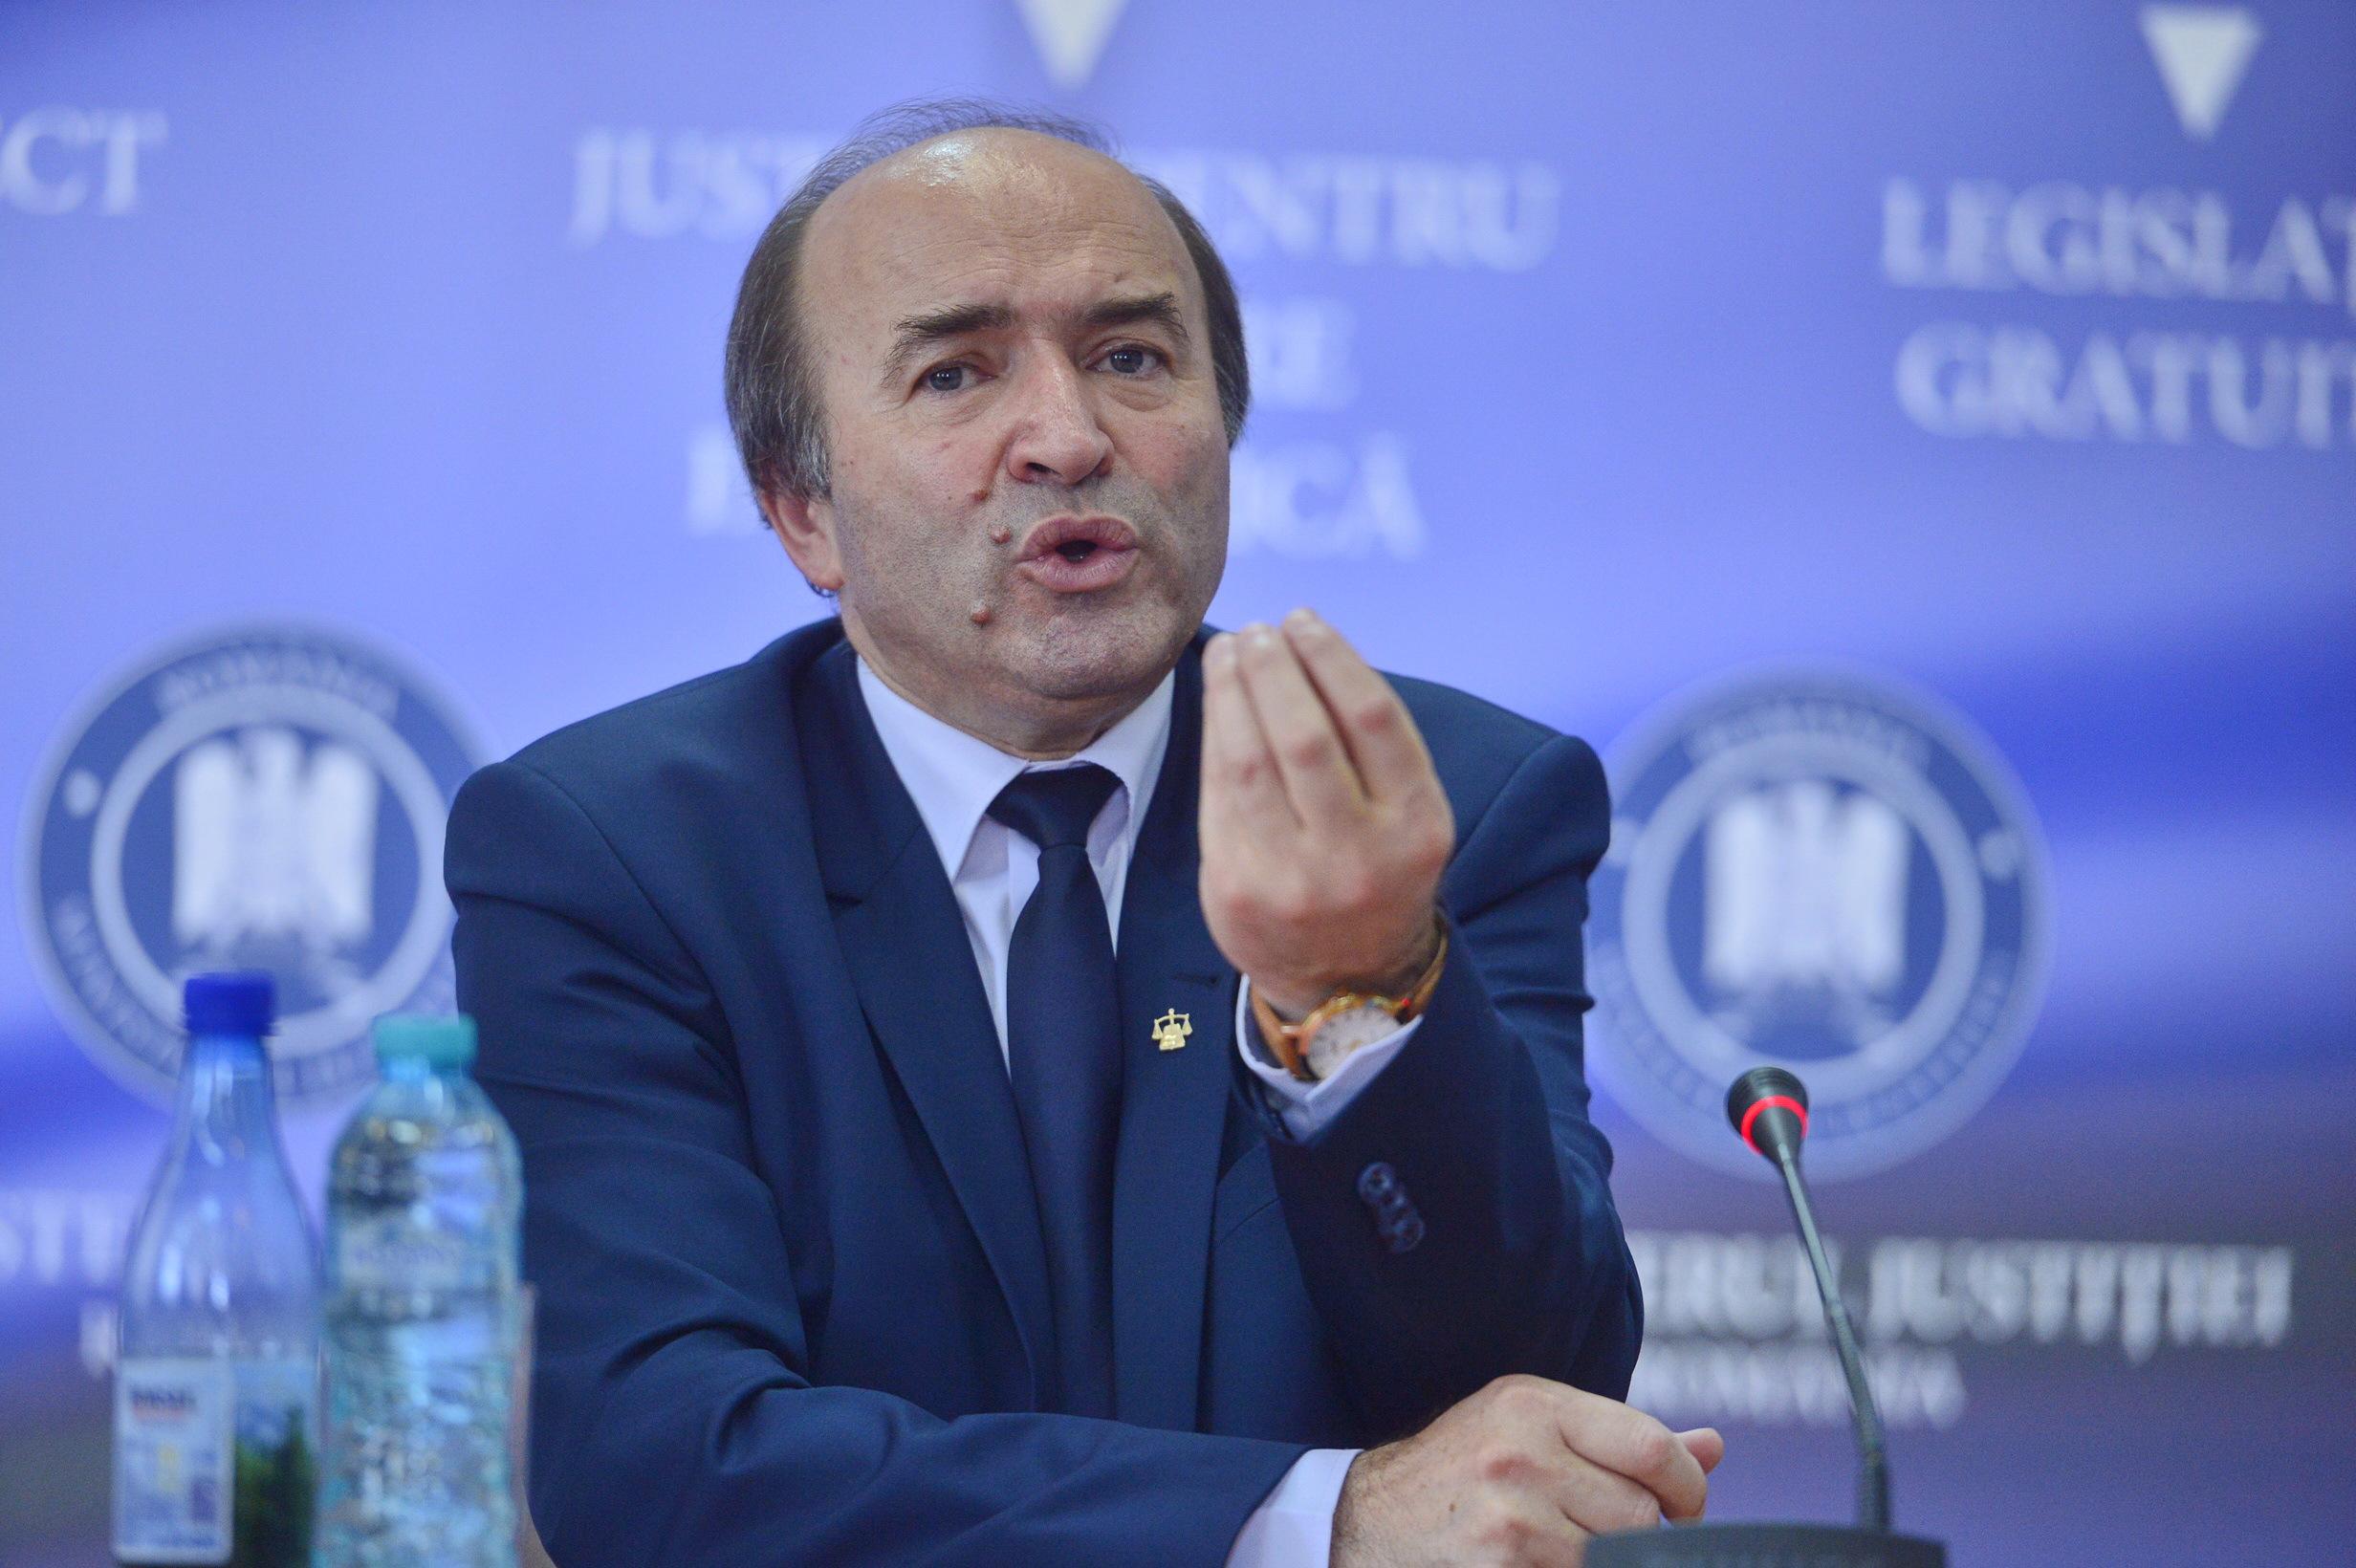 Ministrul Justiţiei a sesizat Inspecţia Judiciară, după ce a discutat telefonic cu Augustin Lazăr, pentru refuzul de a trimite la Parlament o copie a dosarului privind alegerile din 2009